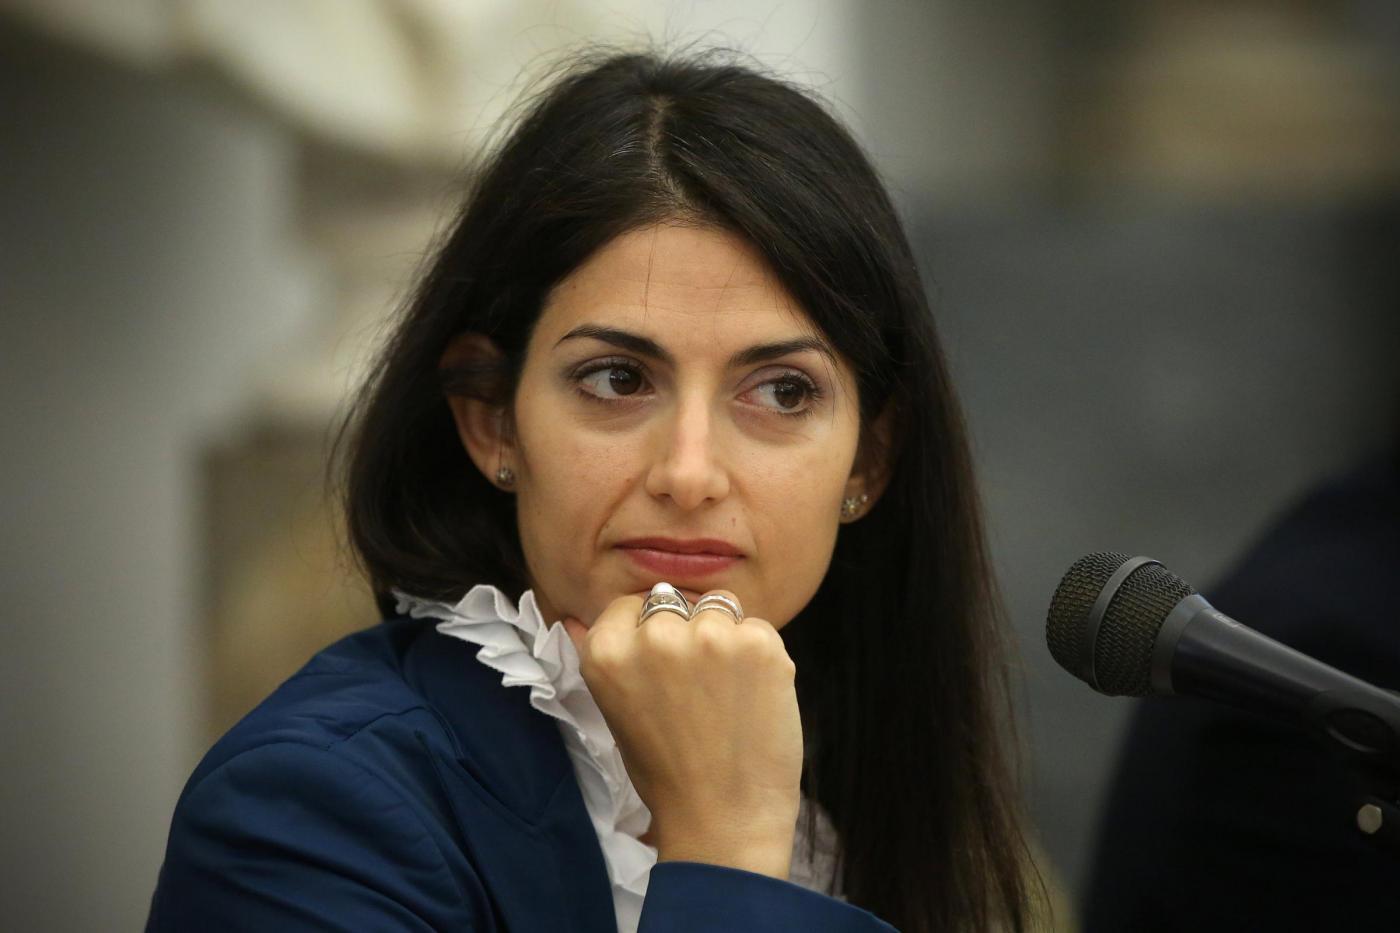 Contratto Raggi-M5S, respinto il ricorso dell'avvocato Monello: la sindaca 'era eleggibile'